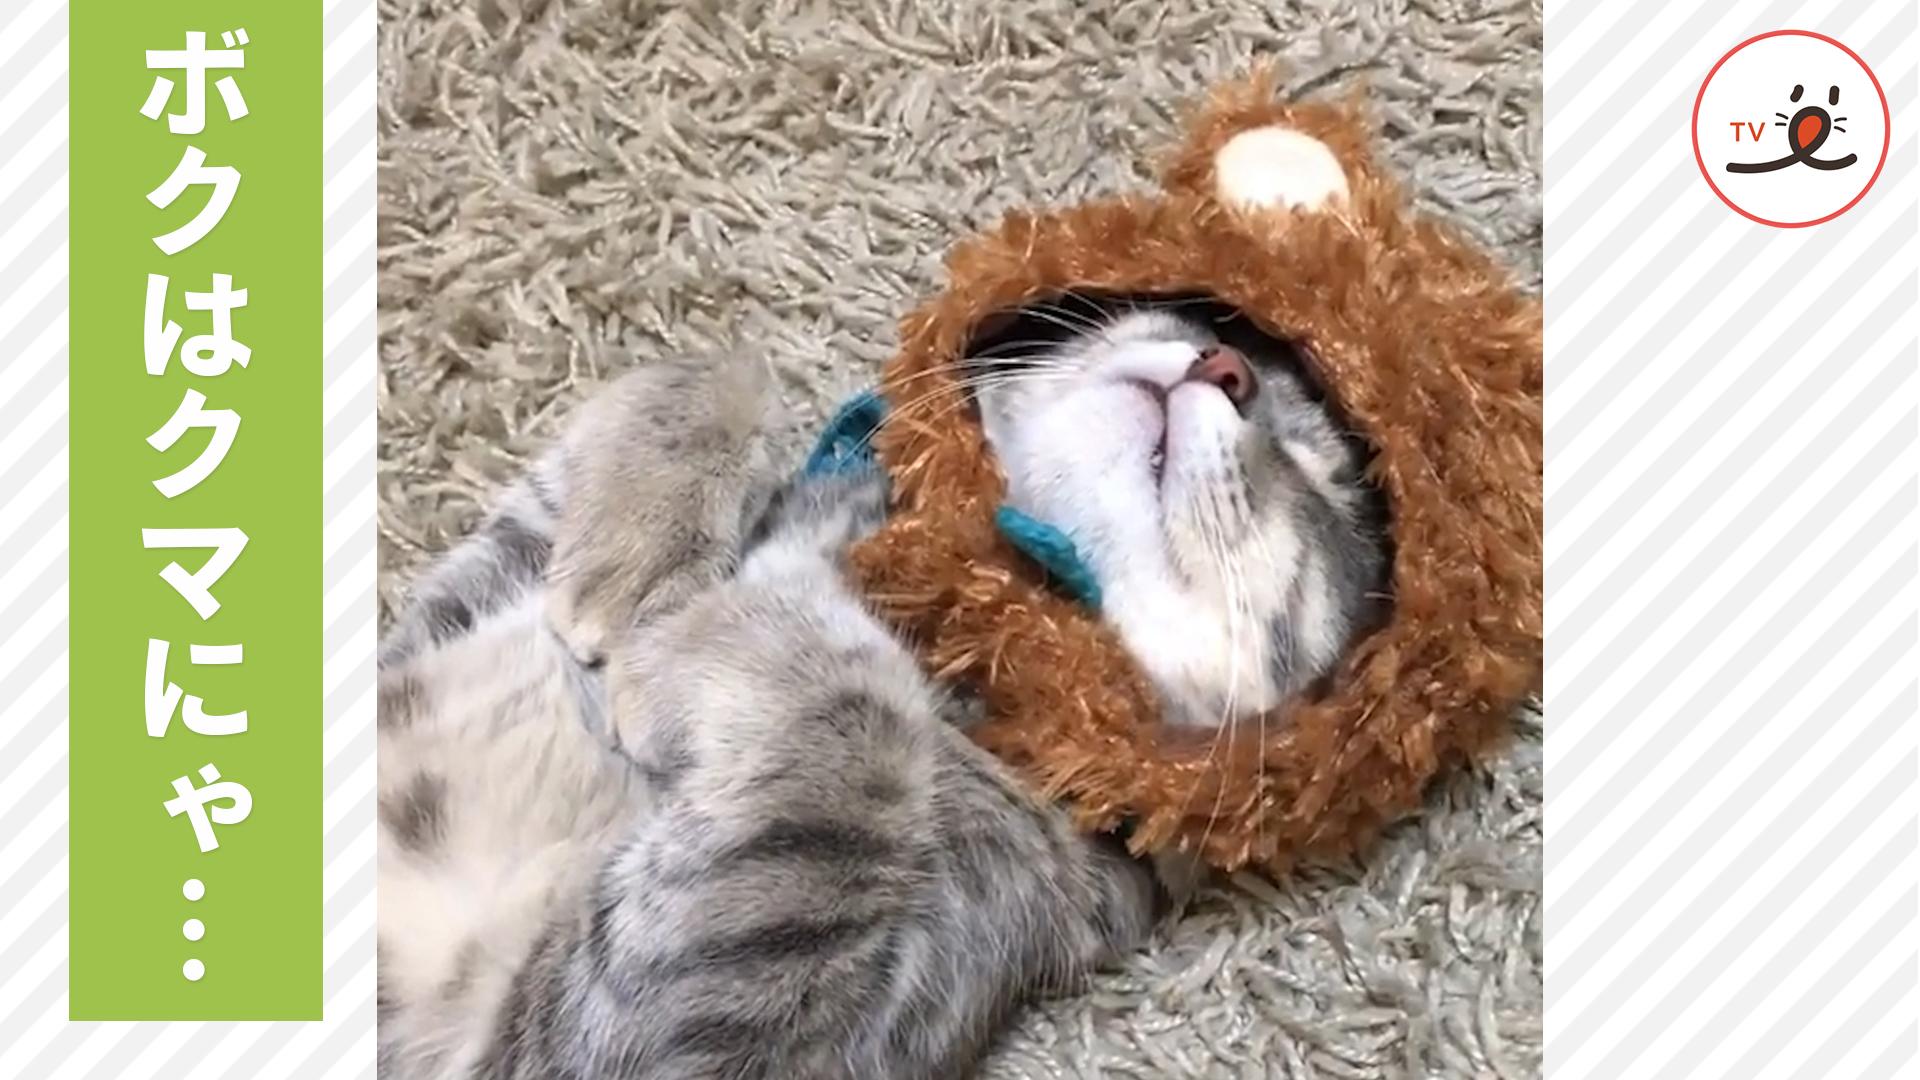 むにゃむにゃ… クマの帽子を被ったままぐっすり眠る猫ちゃん💕